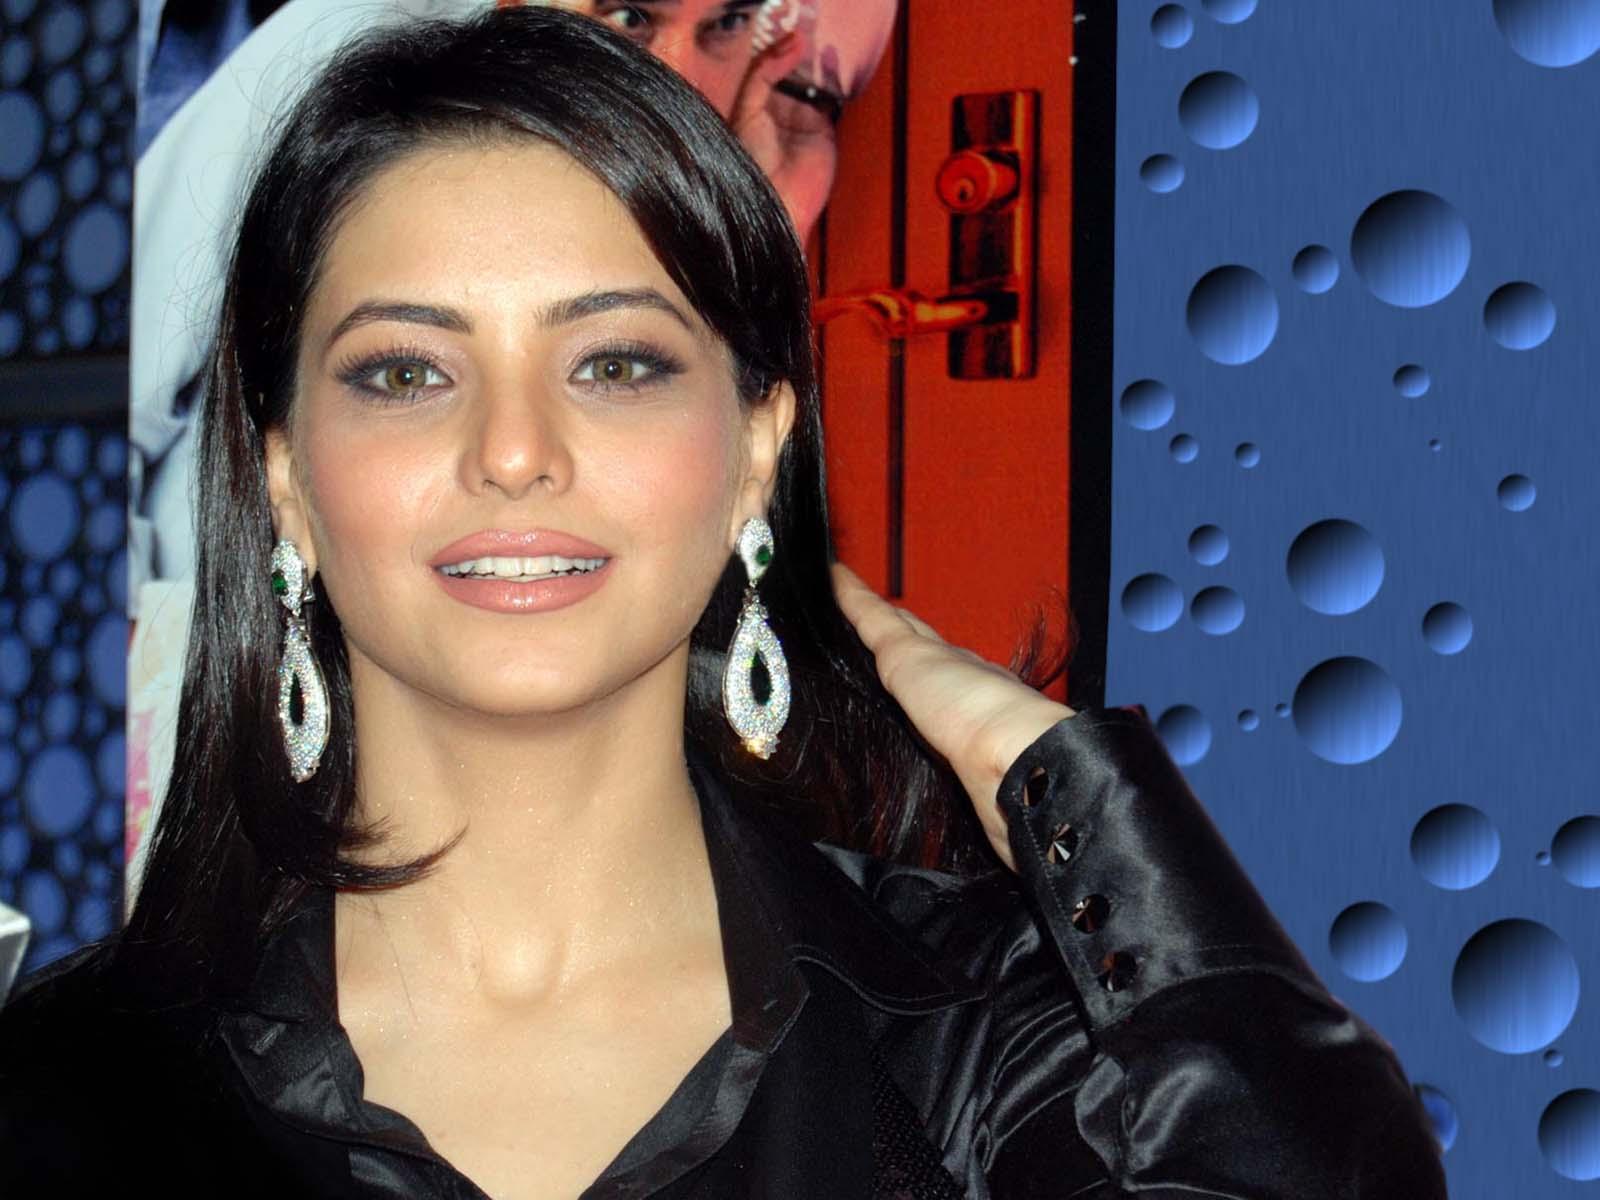 http://3.bp.blogspot.com/-GGjVQaSBe9U/TaMFsRxwCuI/AAAAAAAAGbk/q_zZyOEMomE/s1600/Amna-Sharif-15.jpg